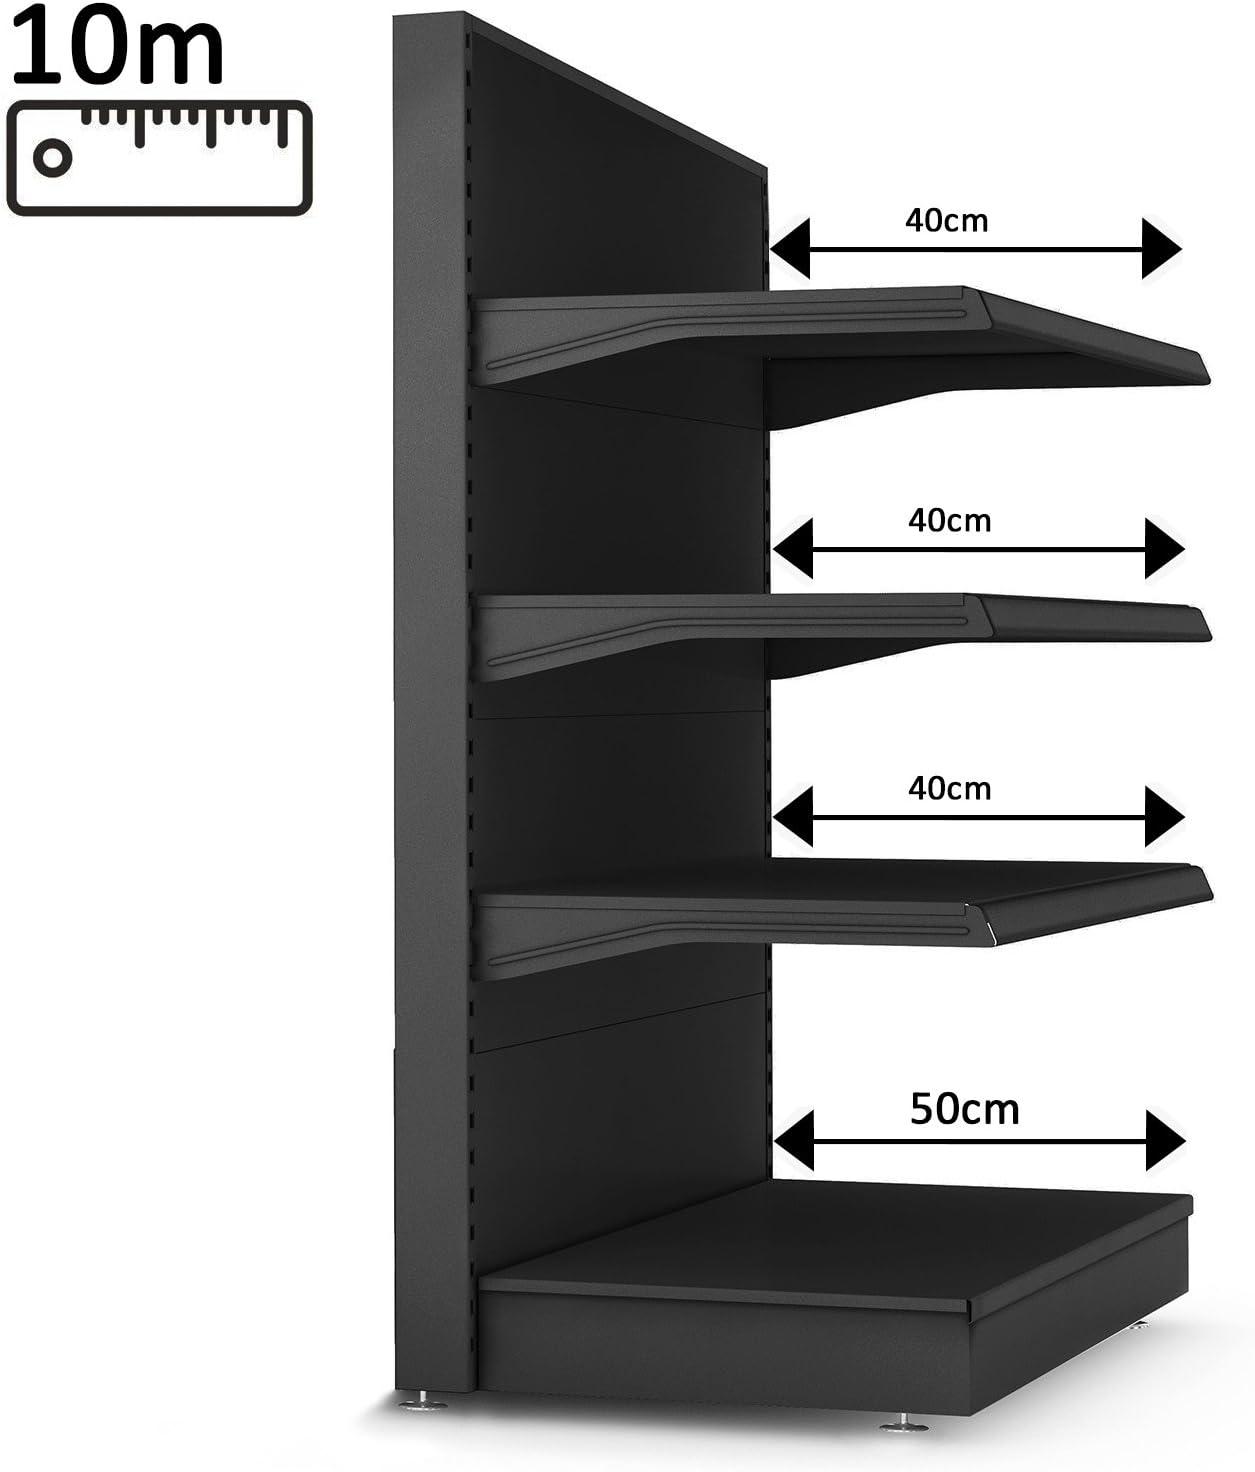 GGM Muebles Estantería de pared 10000 X h1640 mm (Góndola ...